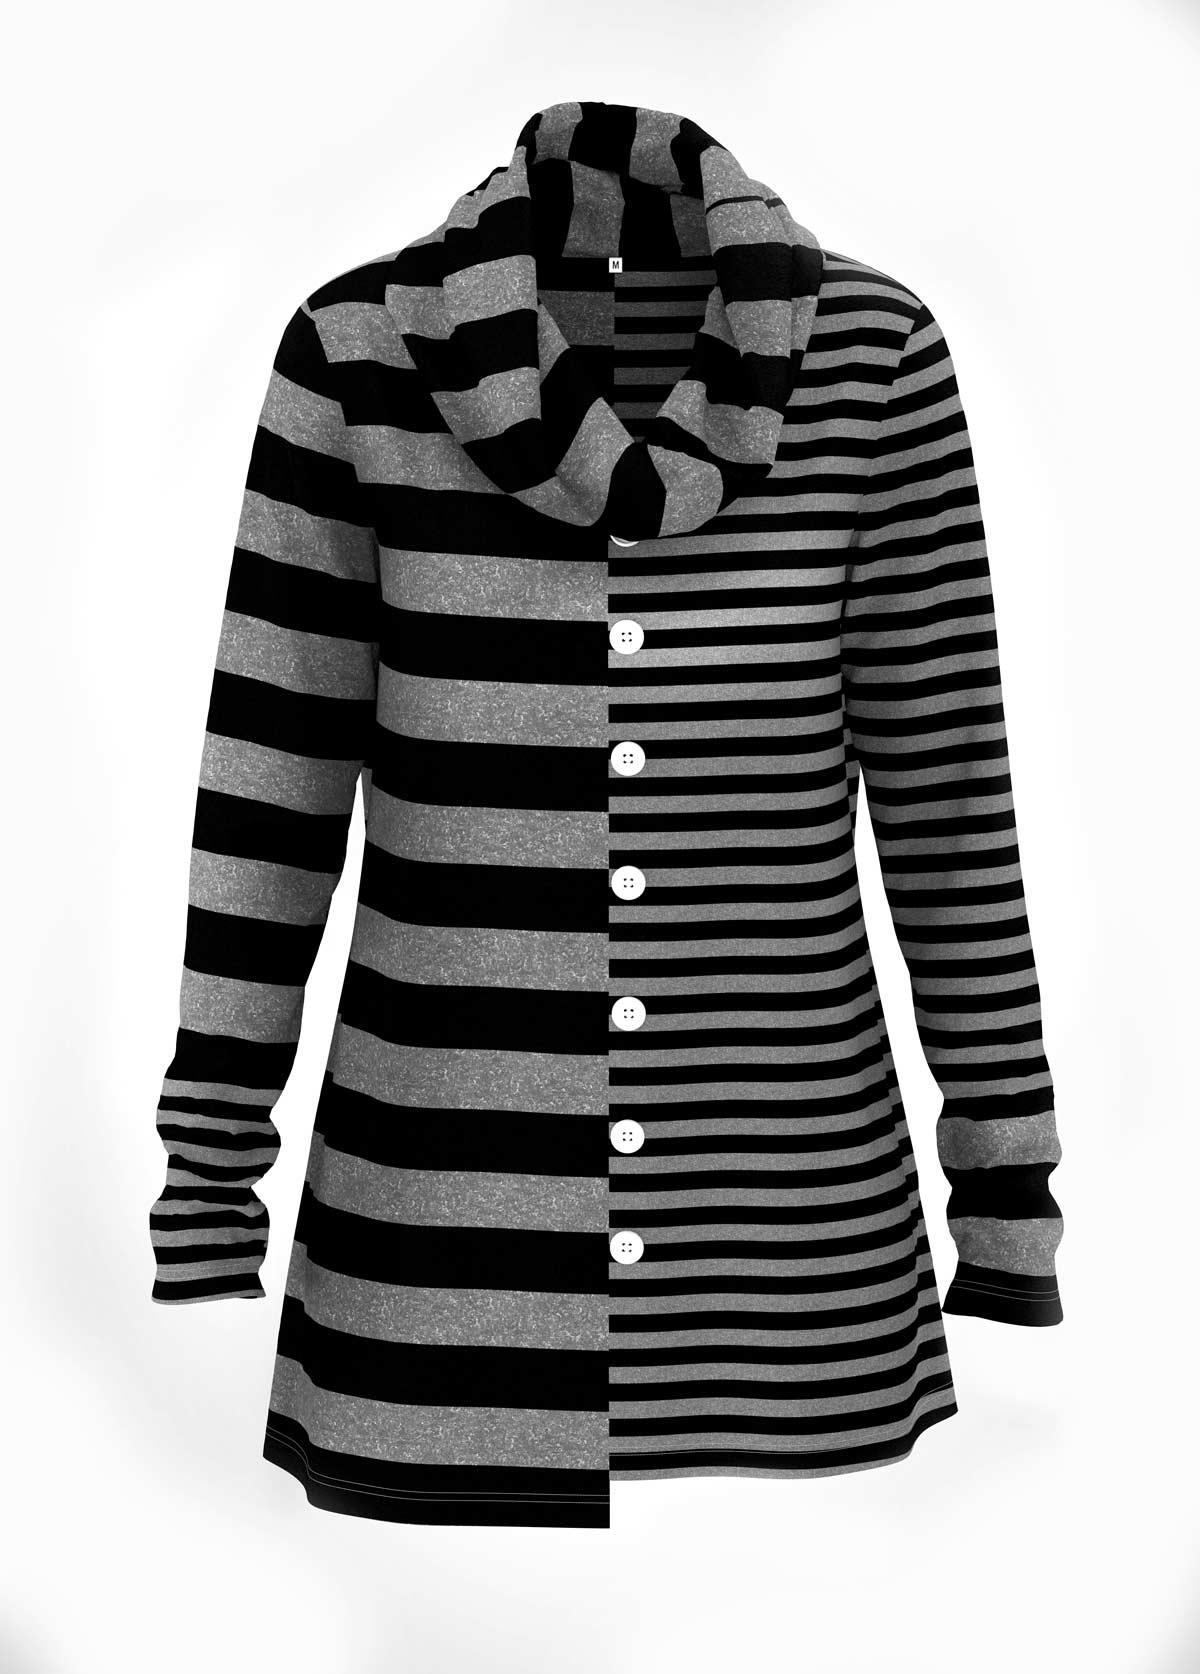 Striped Print Asymmetric Hem Button Detail Tunic Top